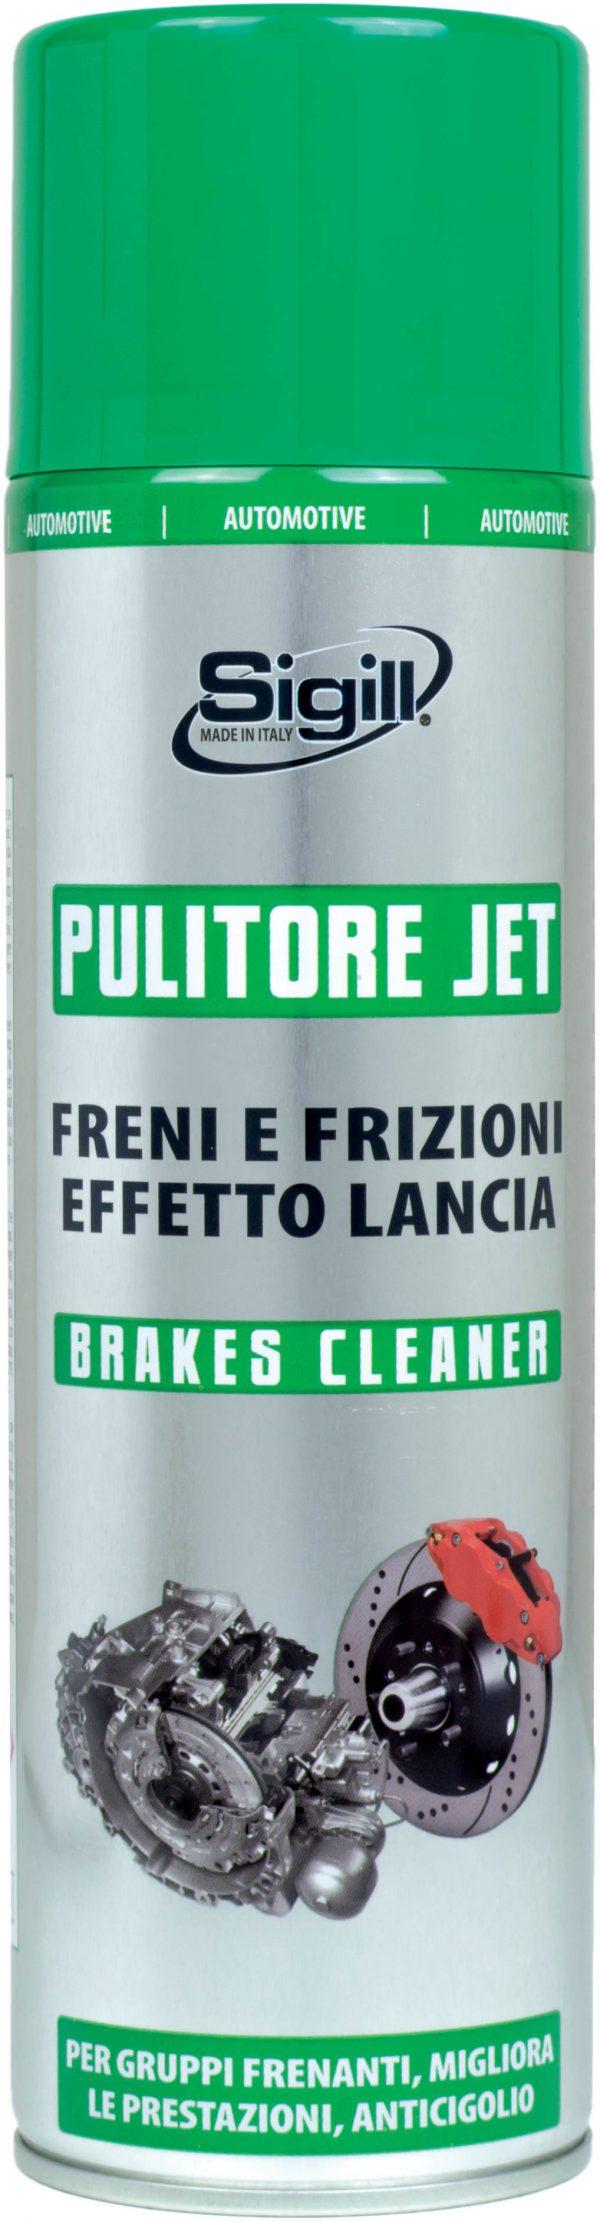 Prodotti per auto, pulitore per frizione e freni